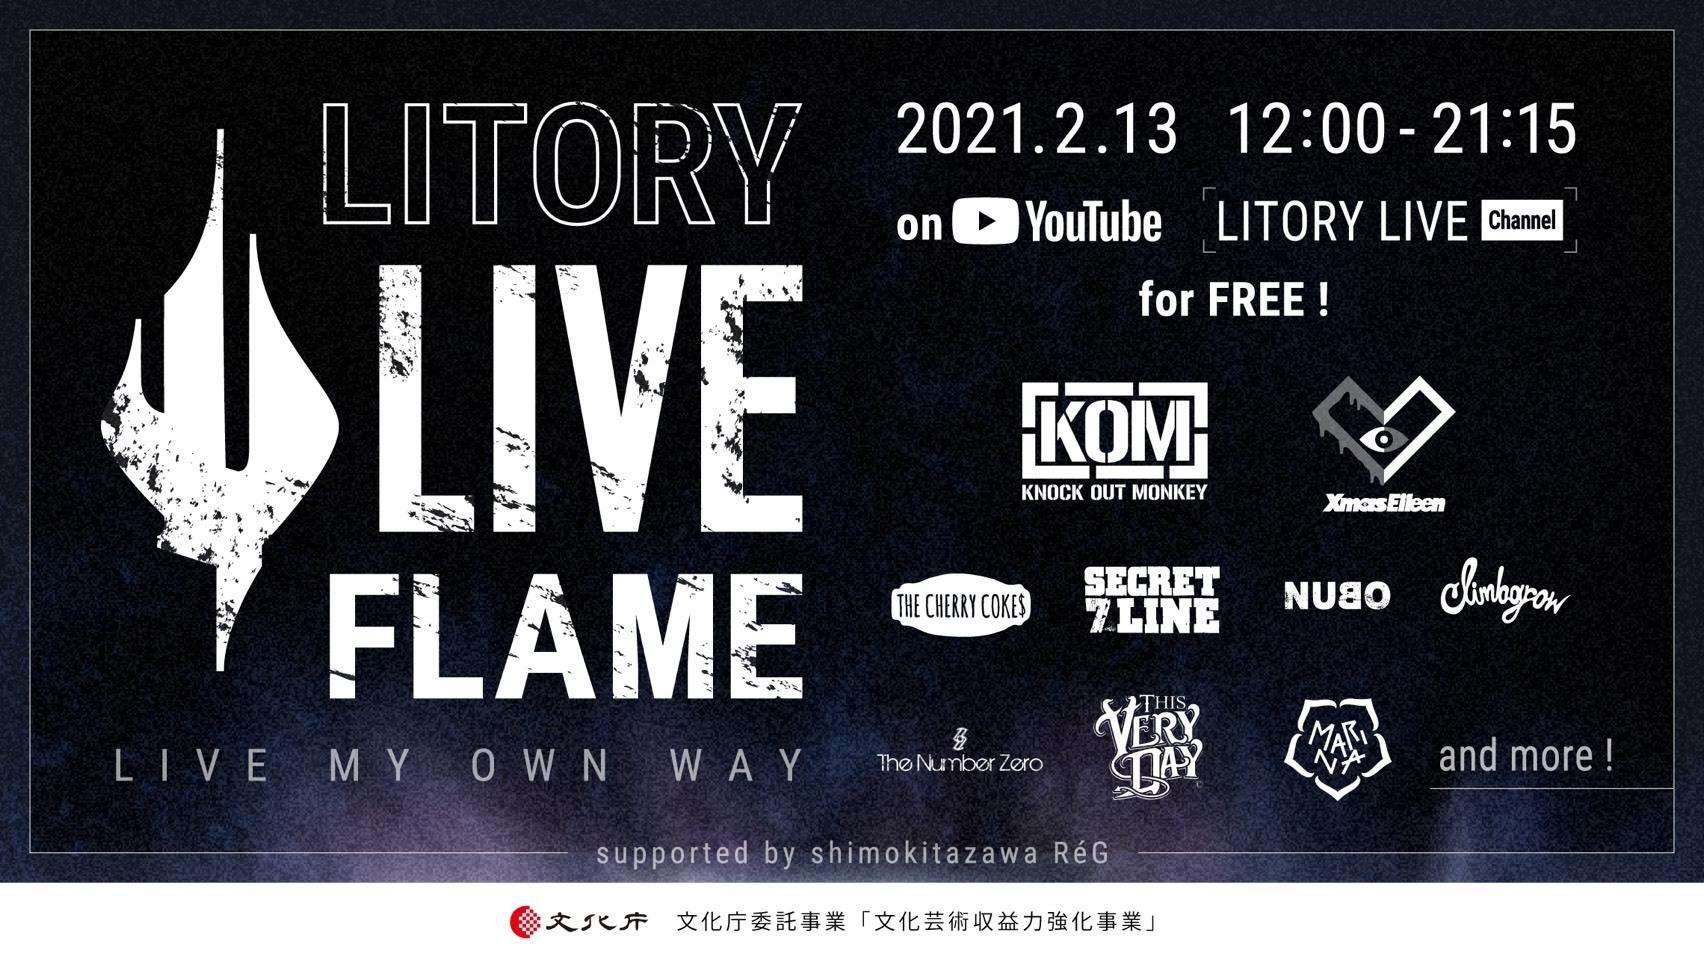 LITORY LIVE FLAME